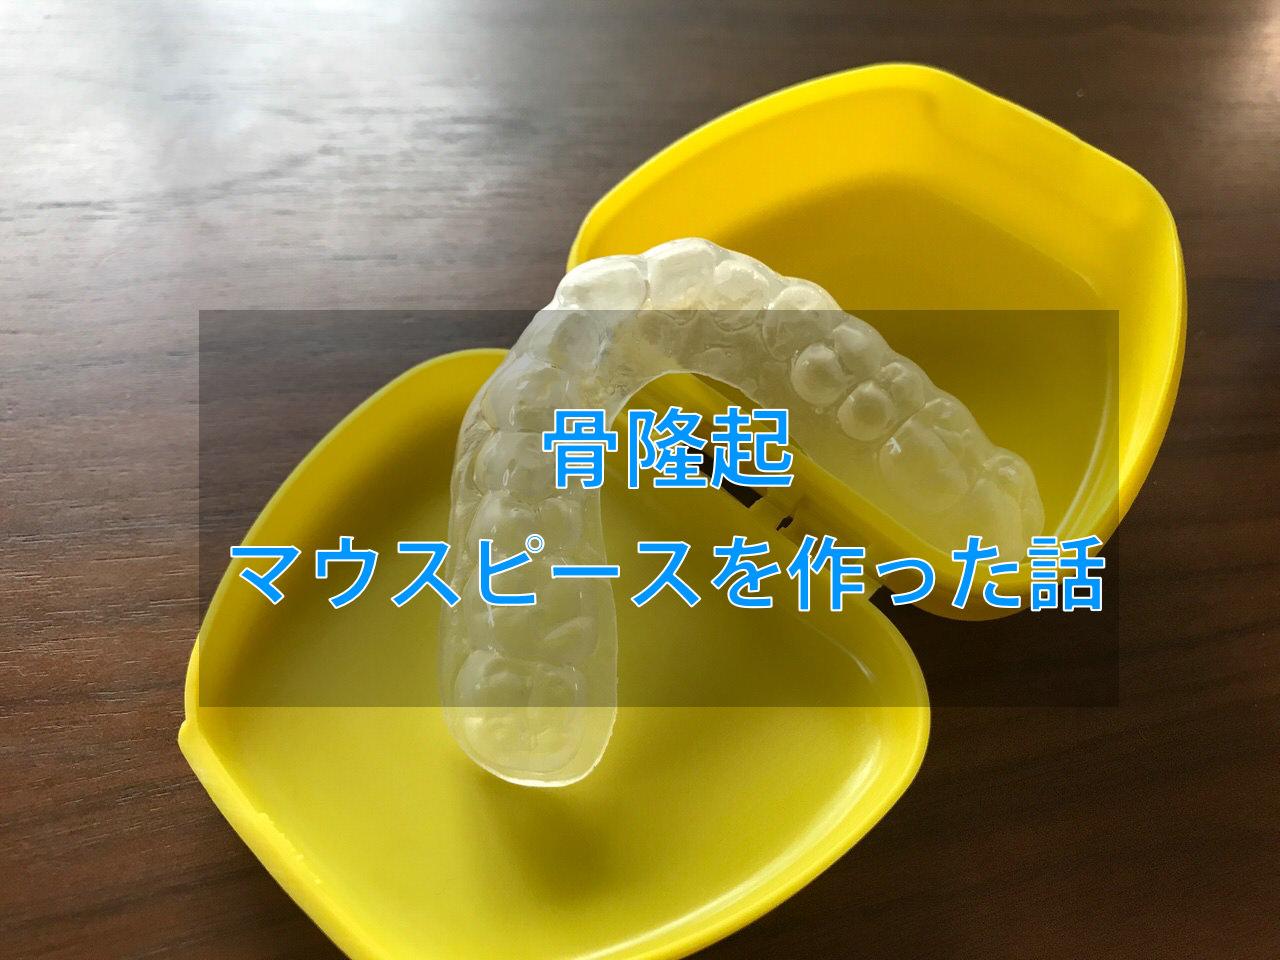 Kotsuryuki 0320 1